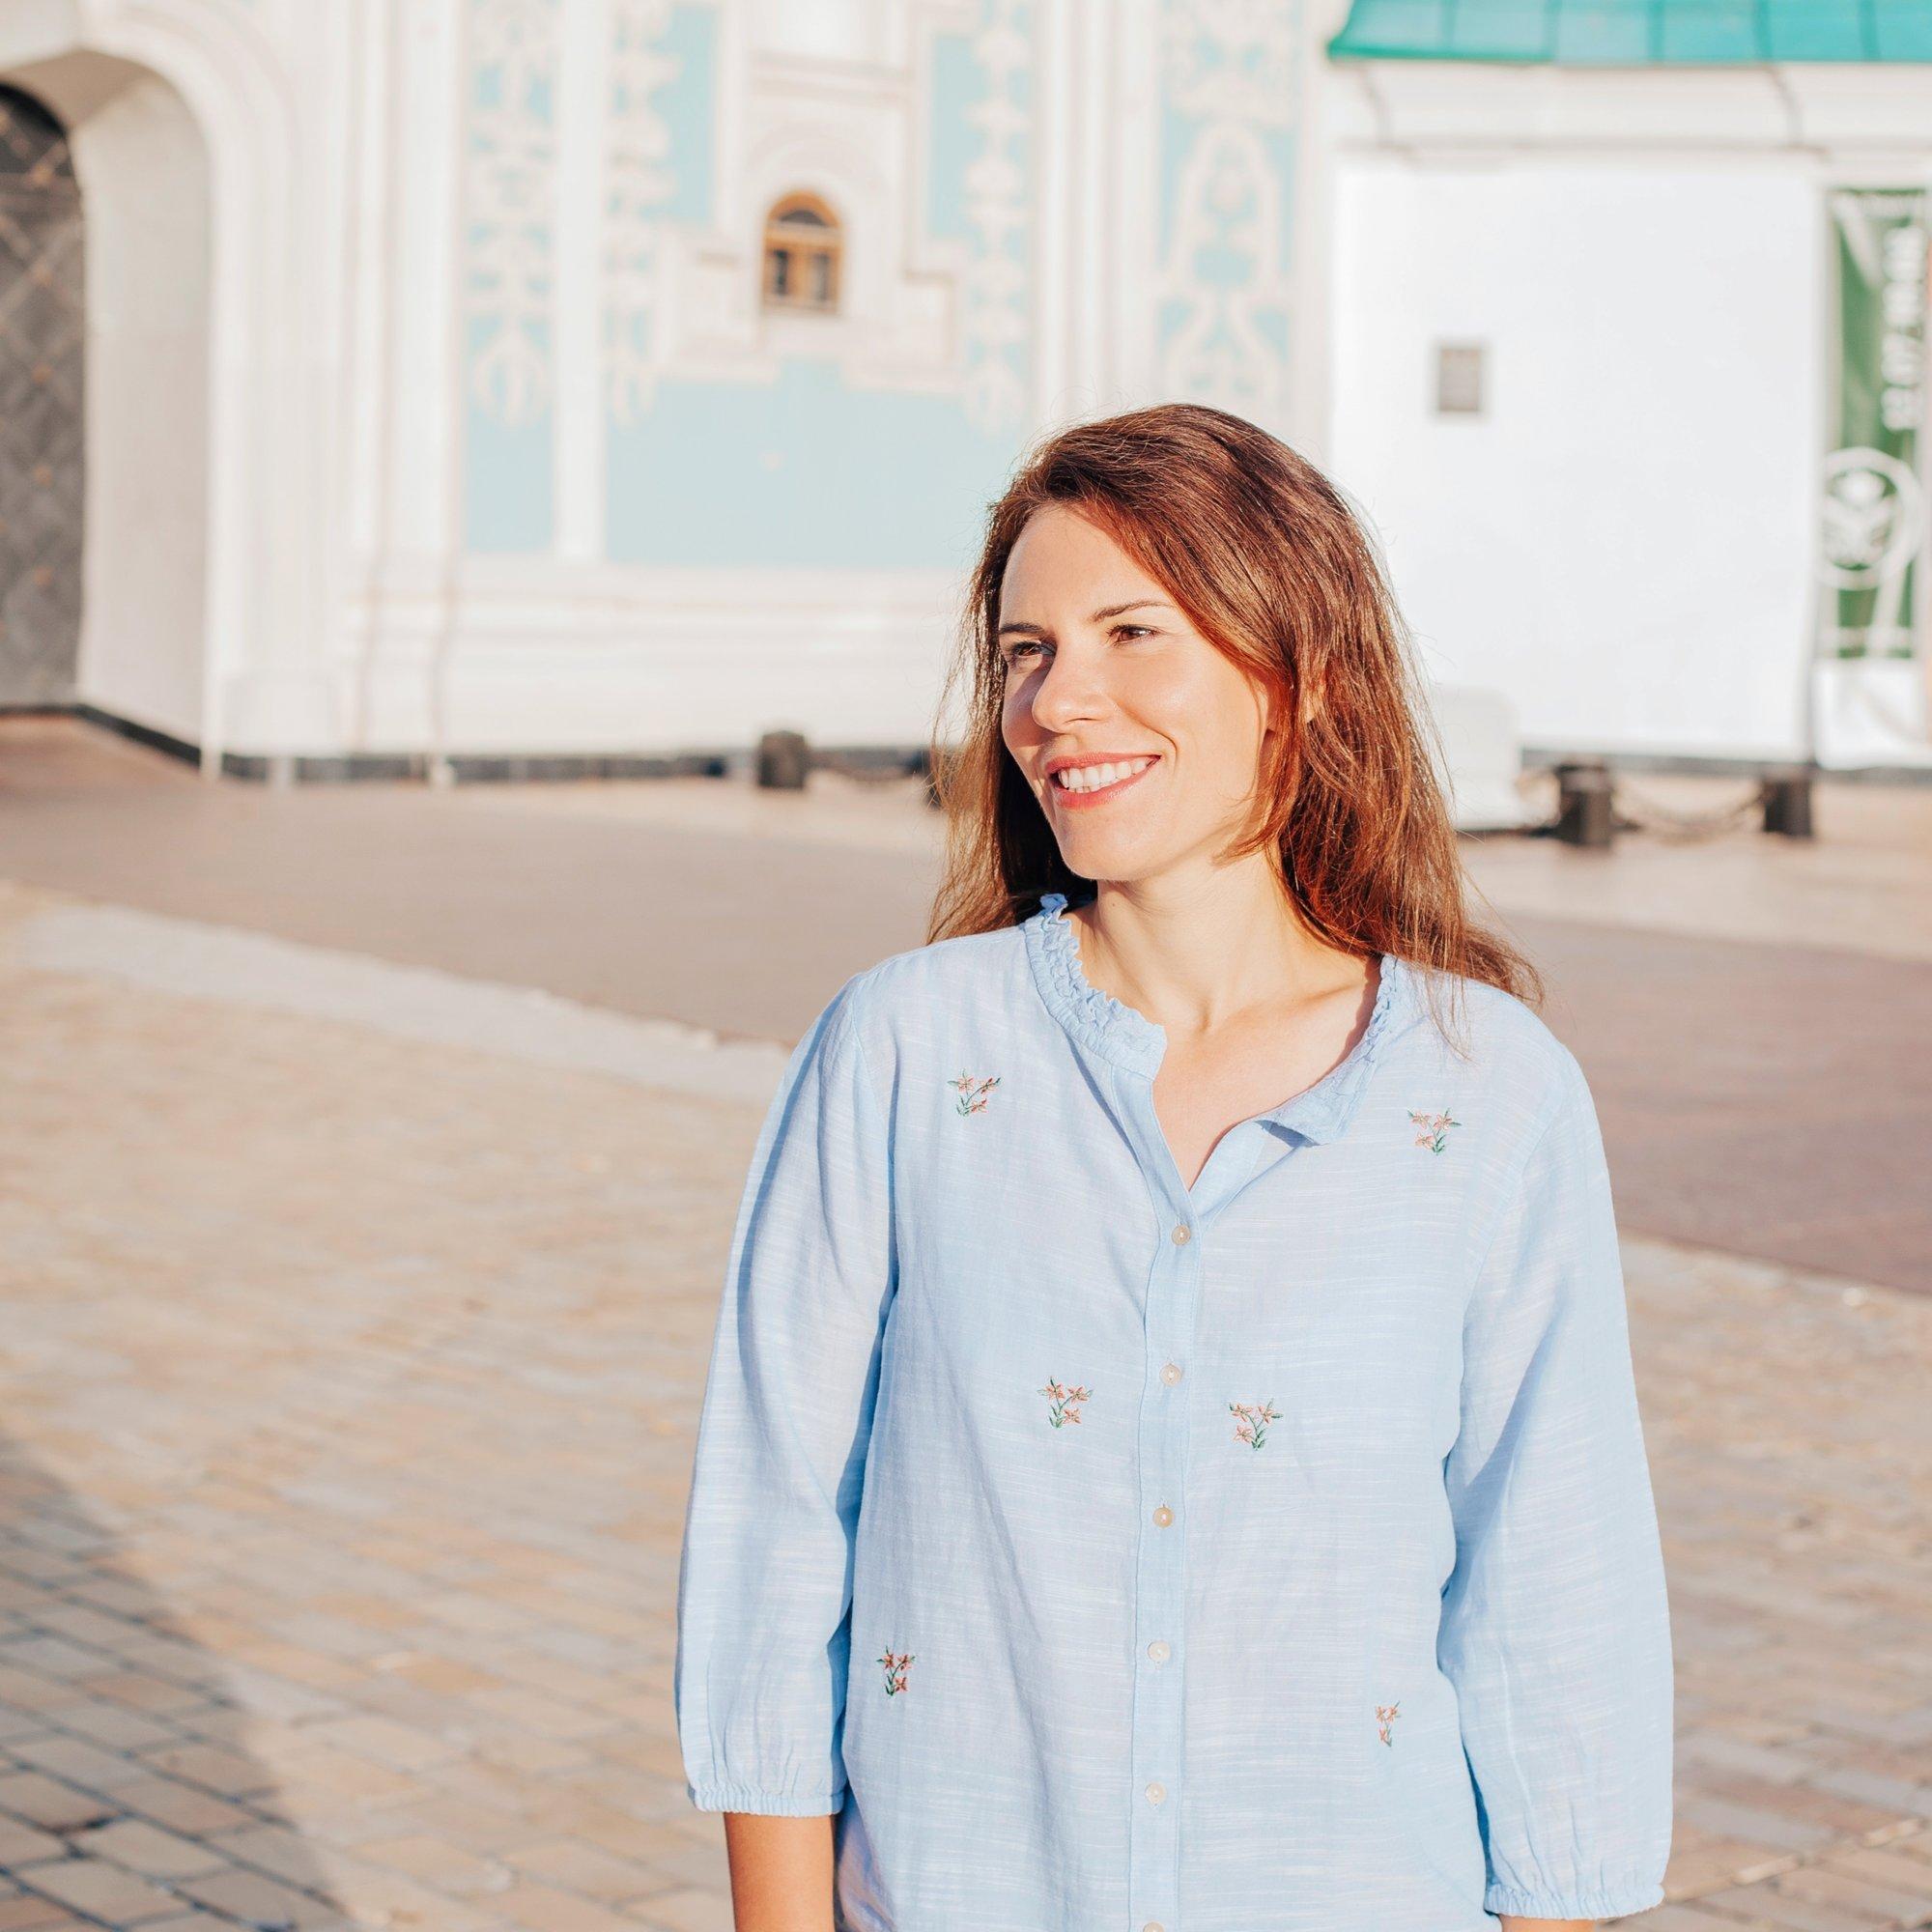 Це місто неможливо осягнути до кінця: інтерв'ю з київським екскурсоводом Галиною Радевич